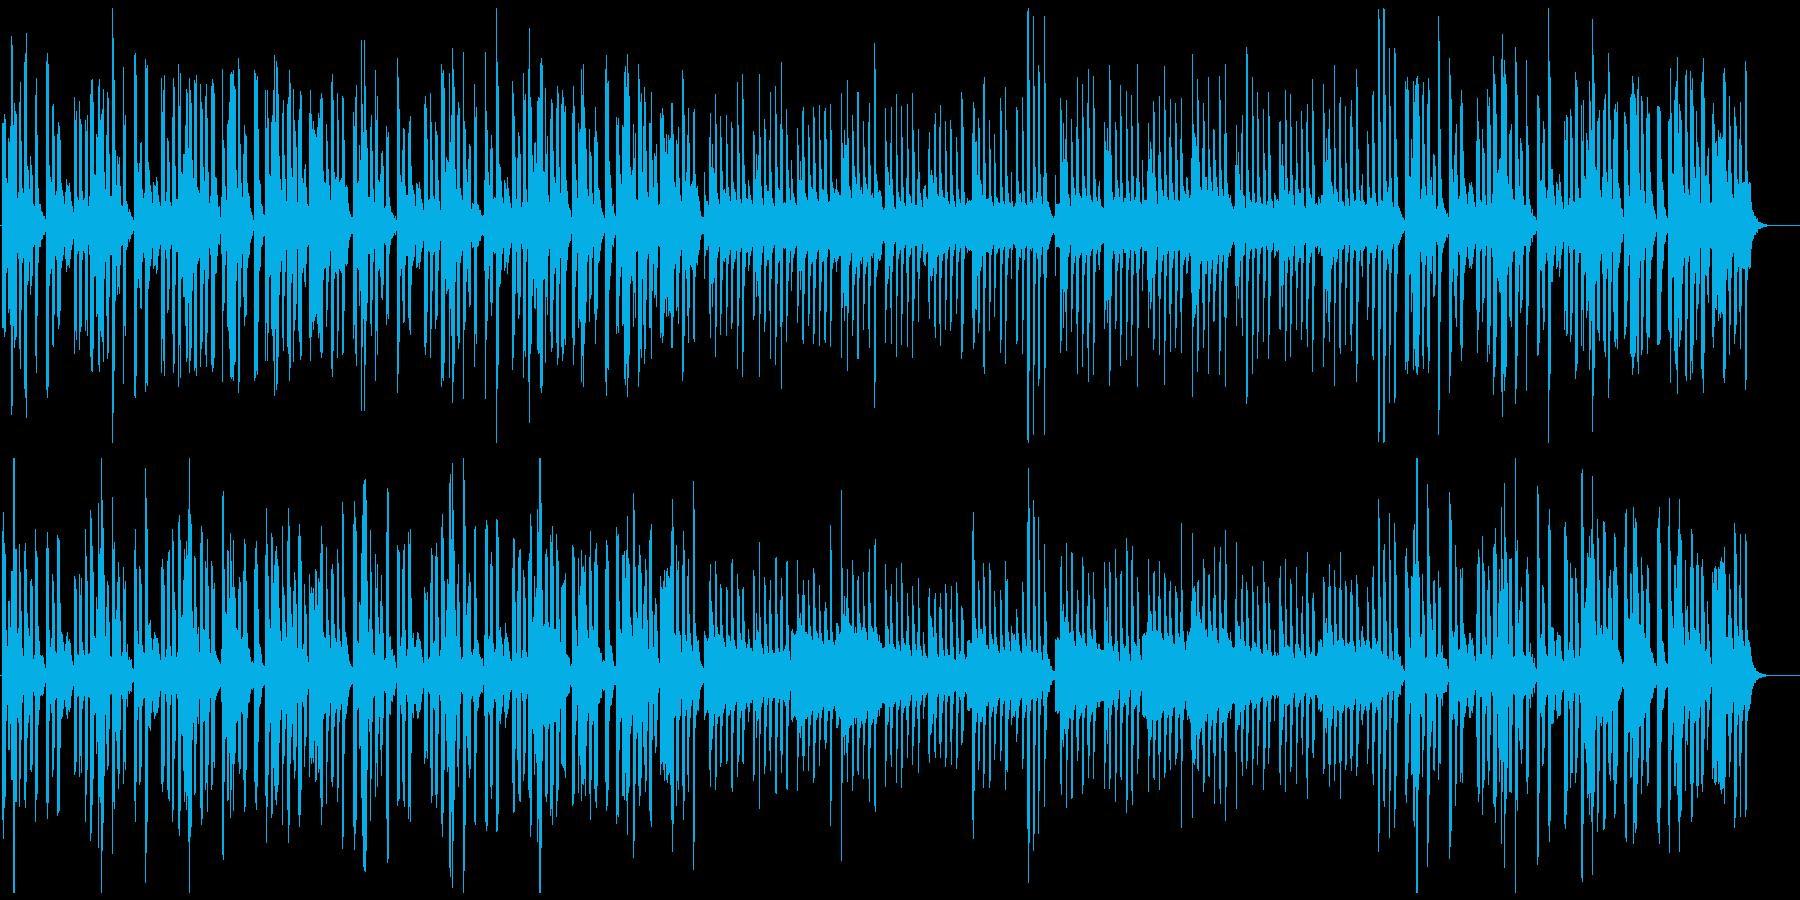 クラッシック風・エレピ・マリンバほのぼのの再生済みの波形